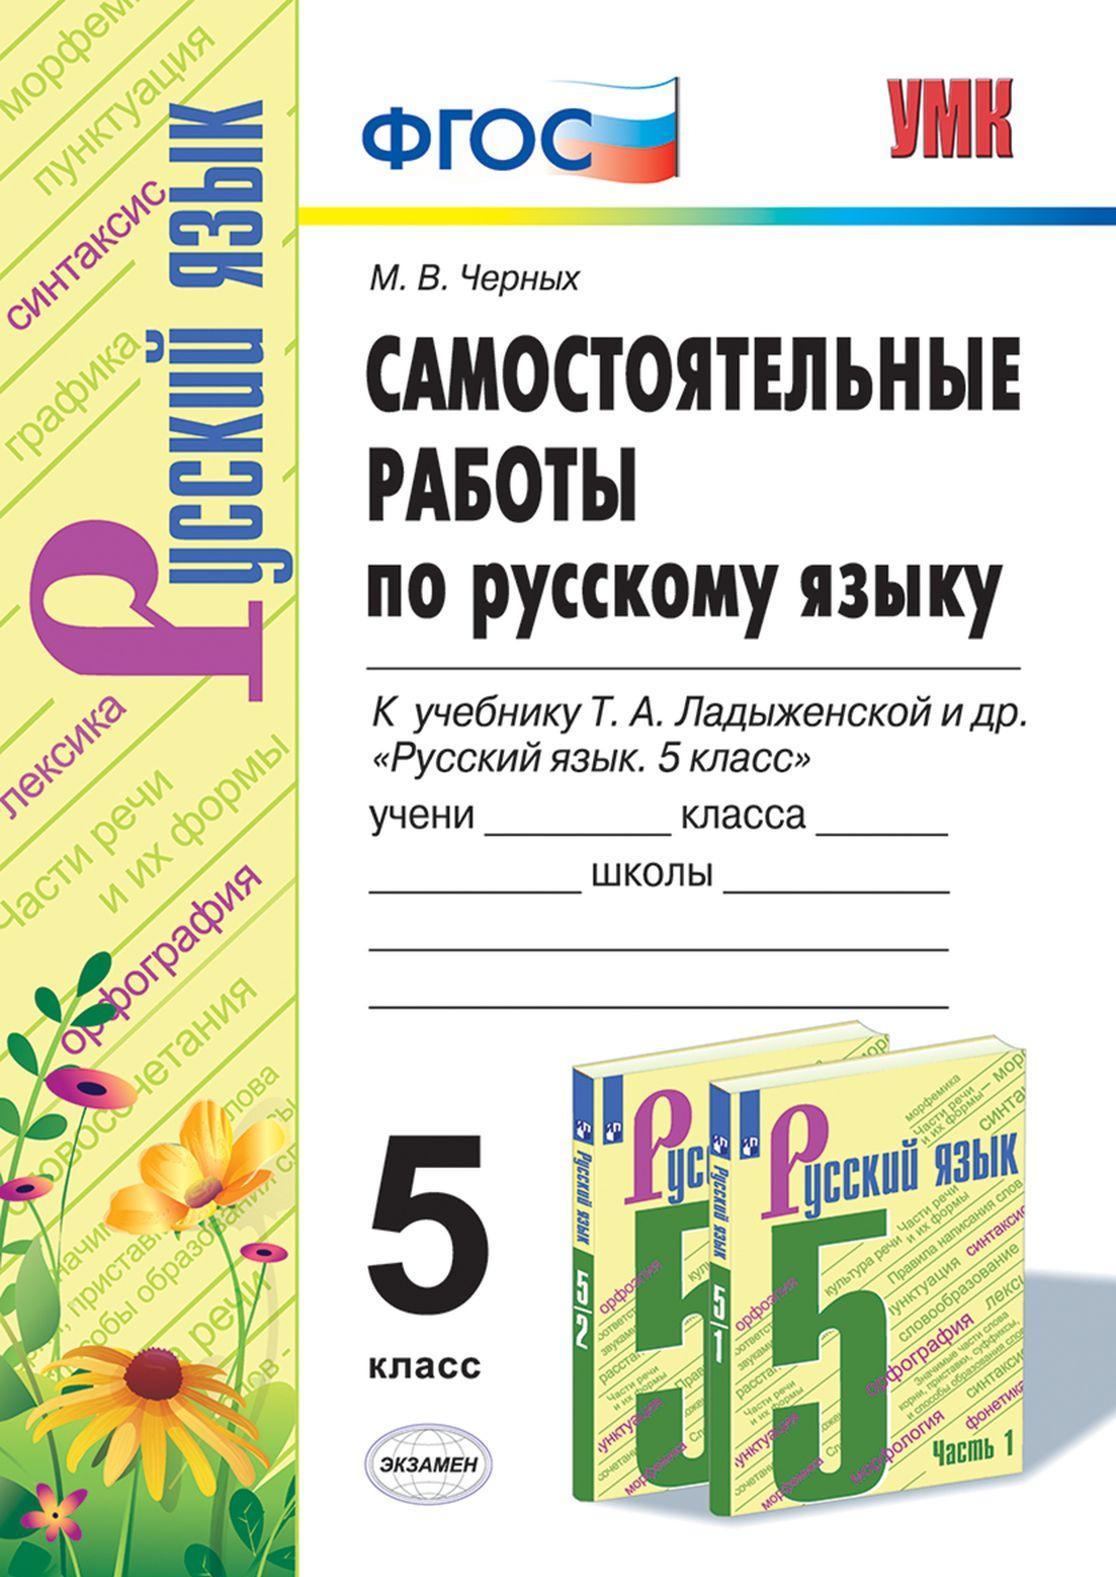 Russkij jazyk. 5 klass. Samostojatelnye raboty k uchebniku T. A. Ladyzhenskoj i dr.